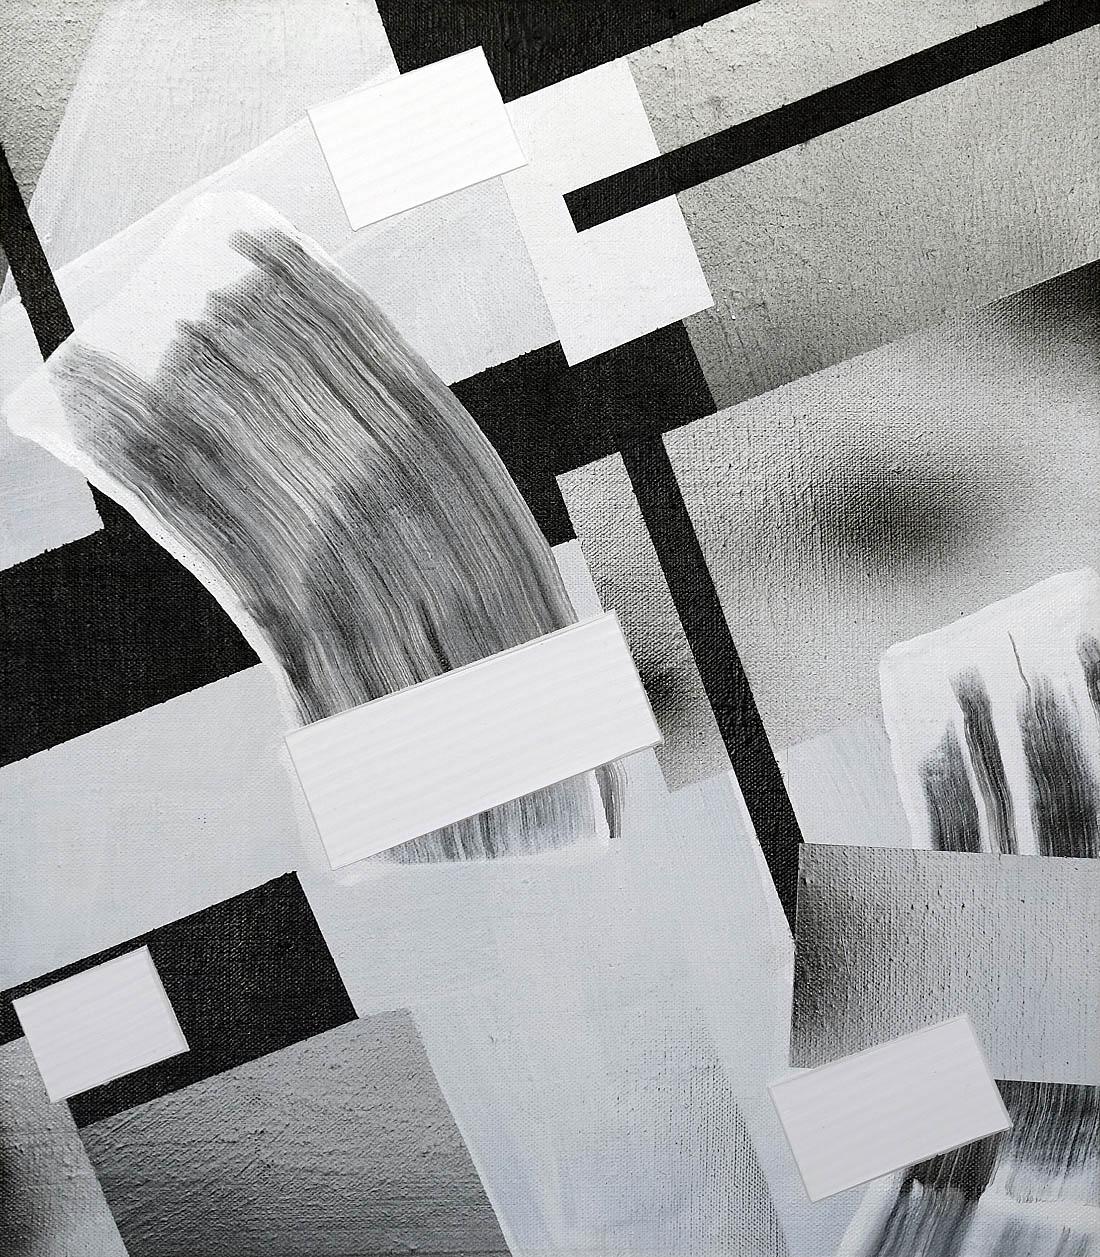 43 Eridani, 2015, acrylic on linen, 14 x 12 cm